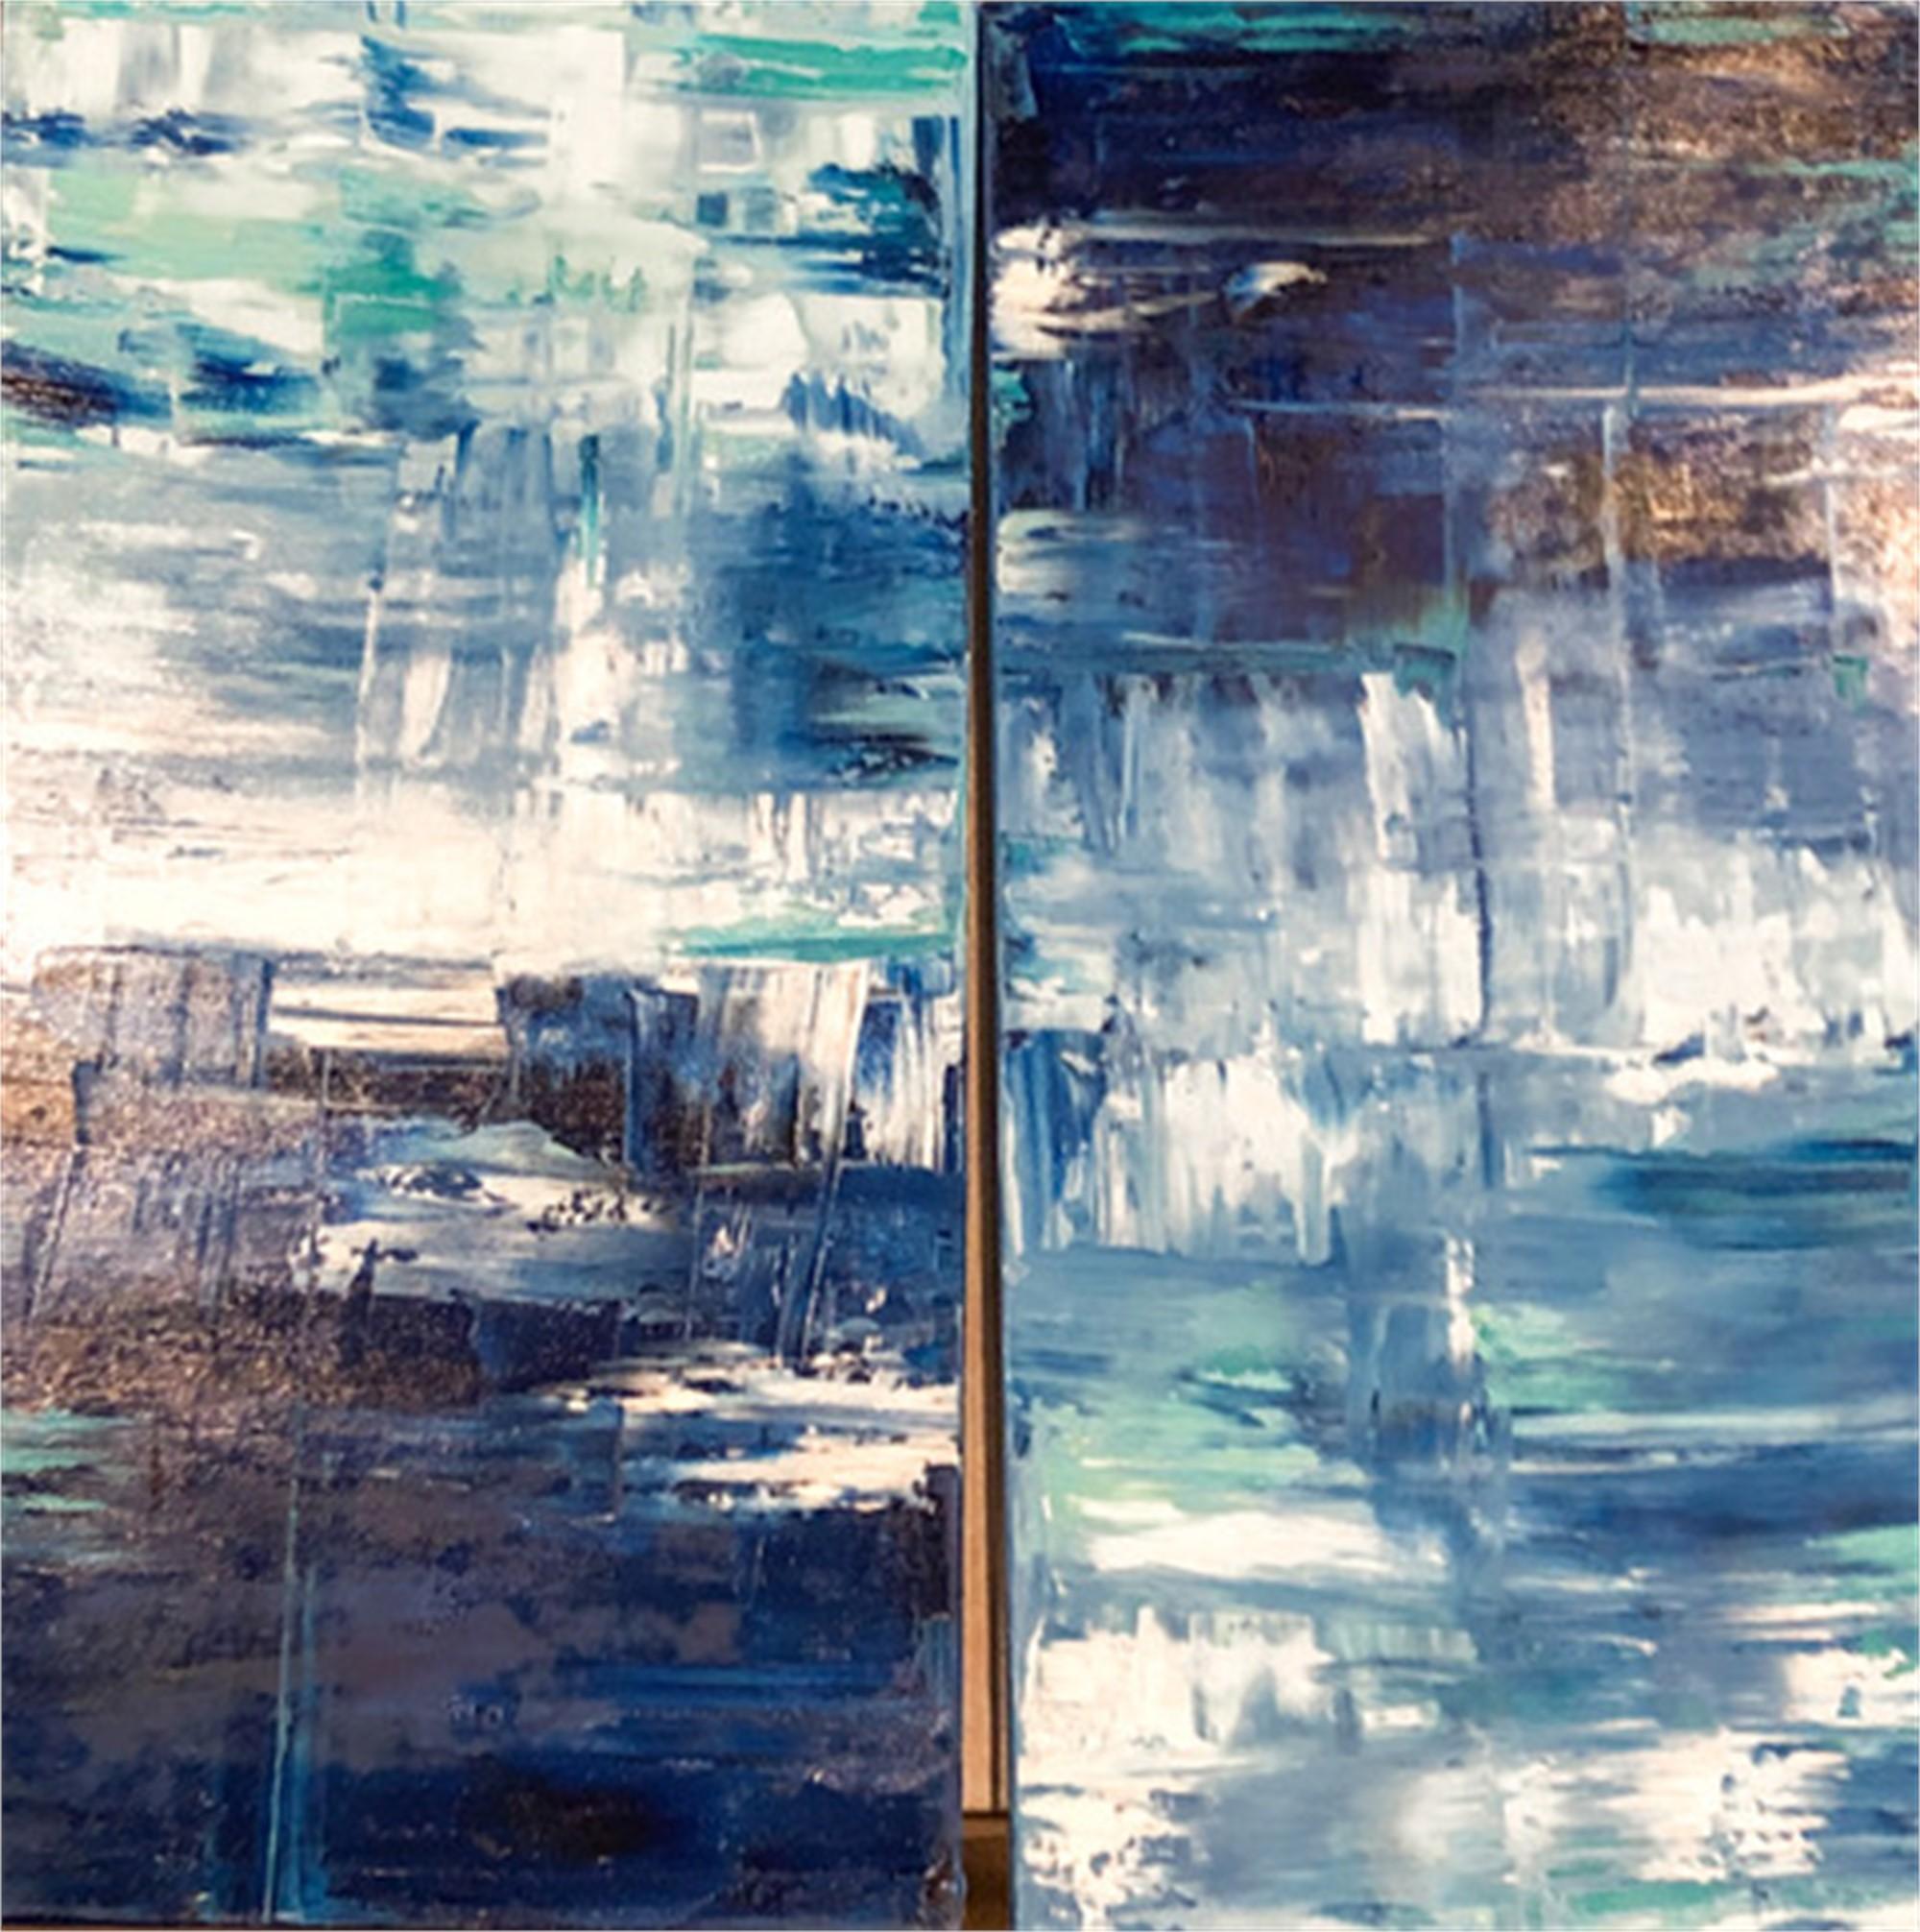 Step Inside by Andrea Kreeger